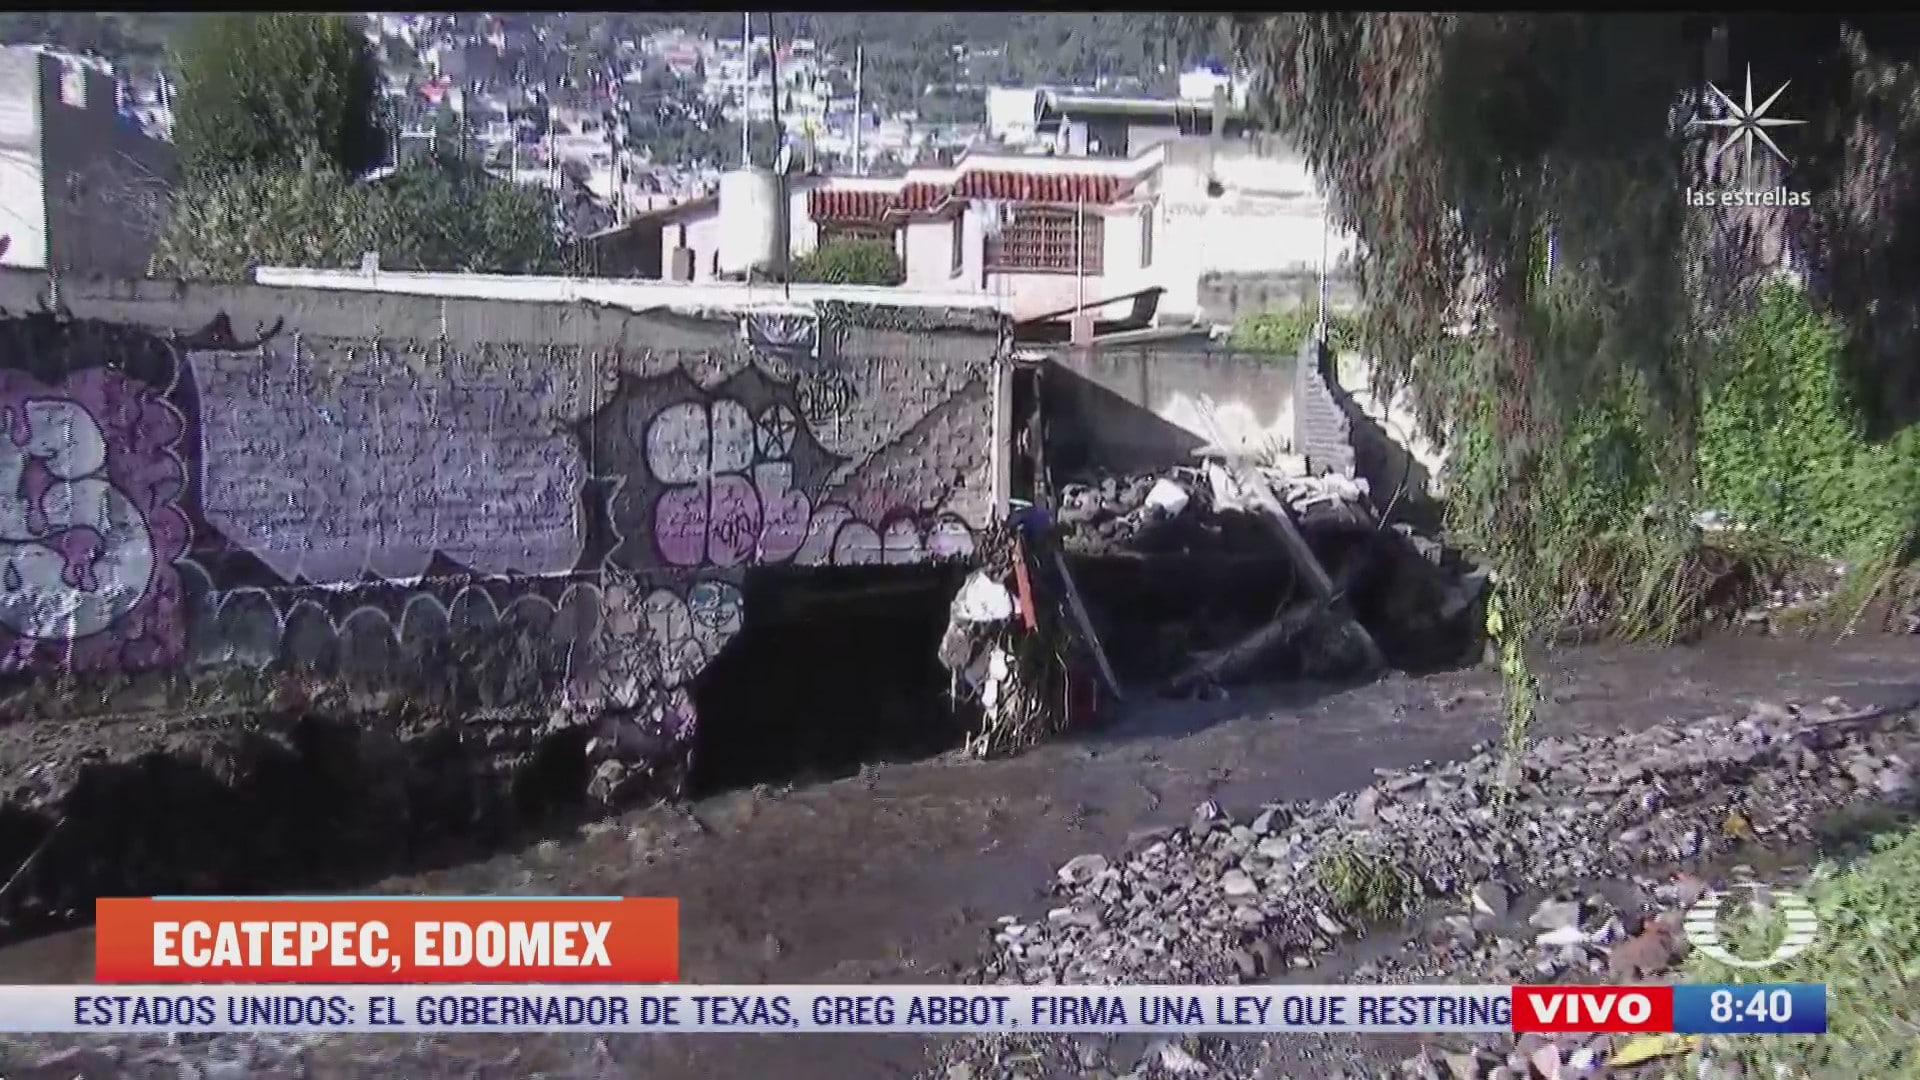 afectados por inundacion en ecatepec denuncian formacion de socavon dentro de casa